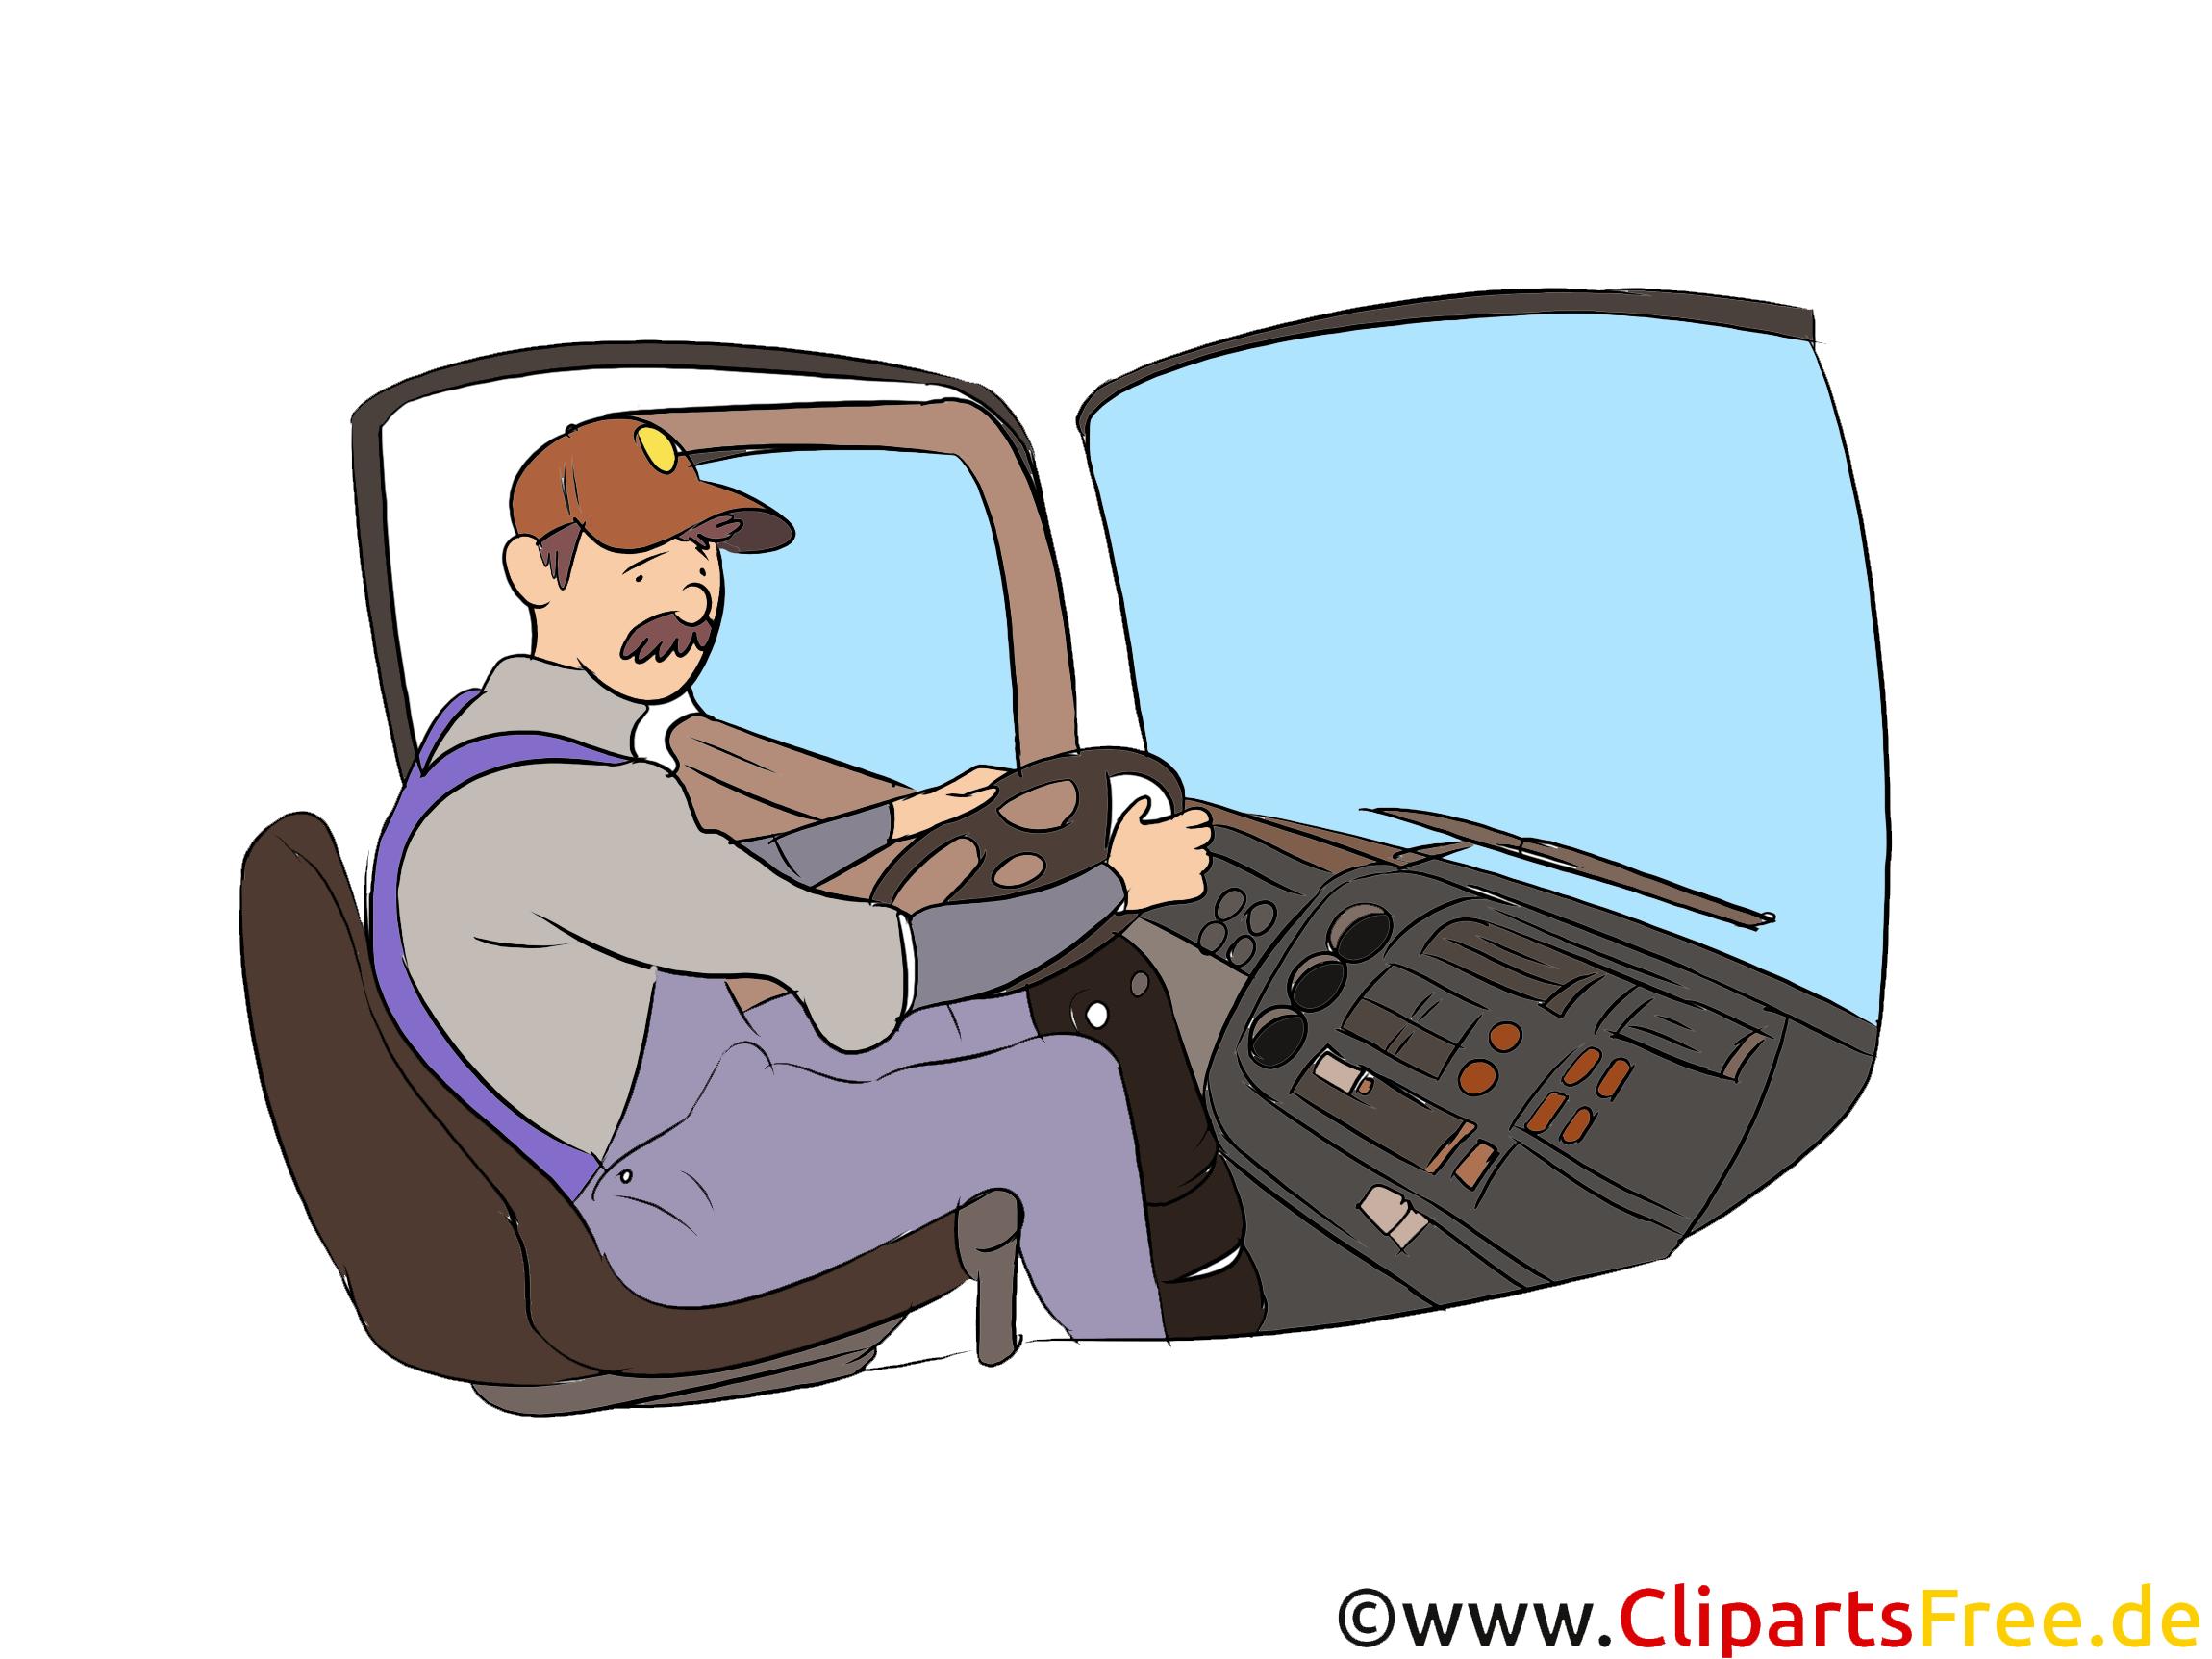 LKW-Fahrer Clipart, Bild, Grafik zum Thema Ausbildungsberufe